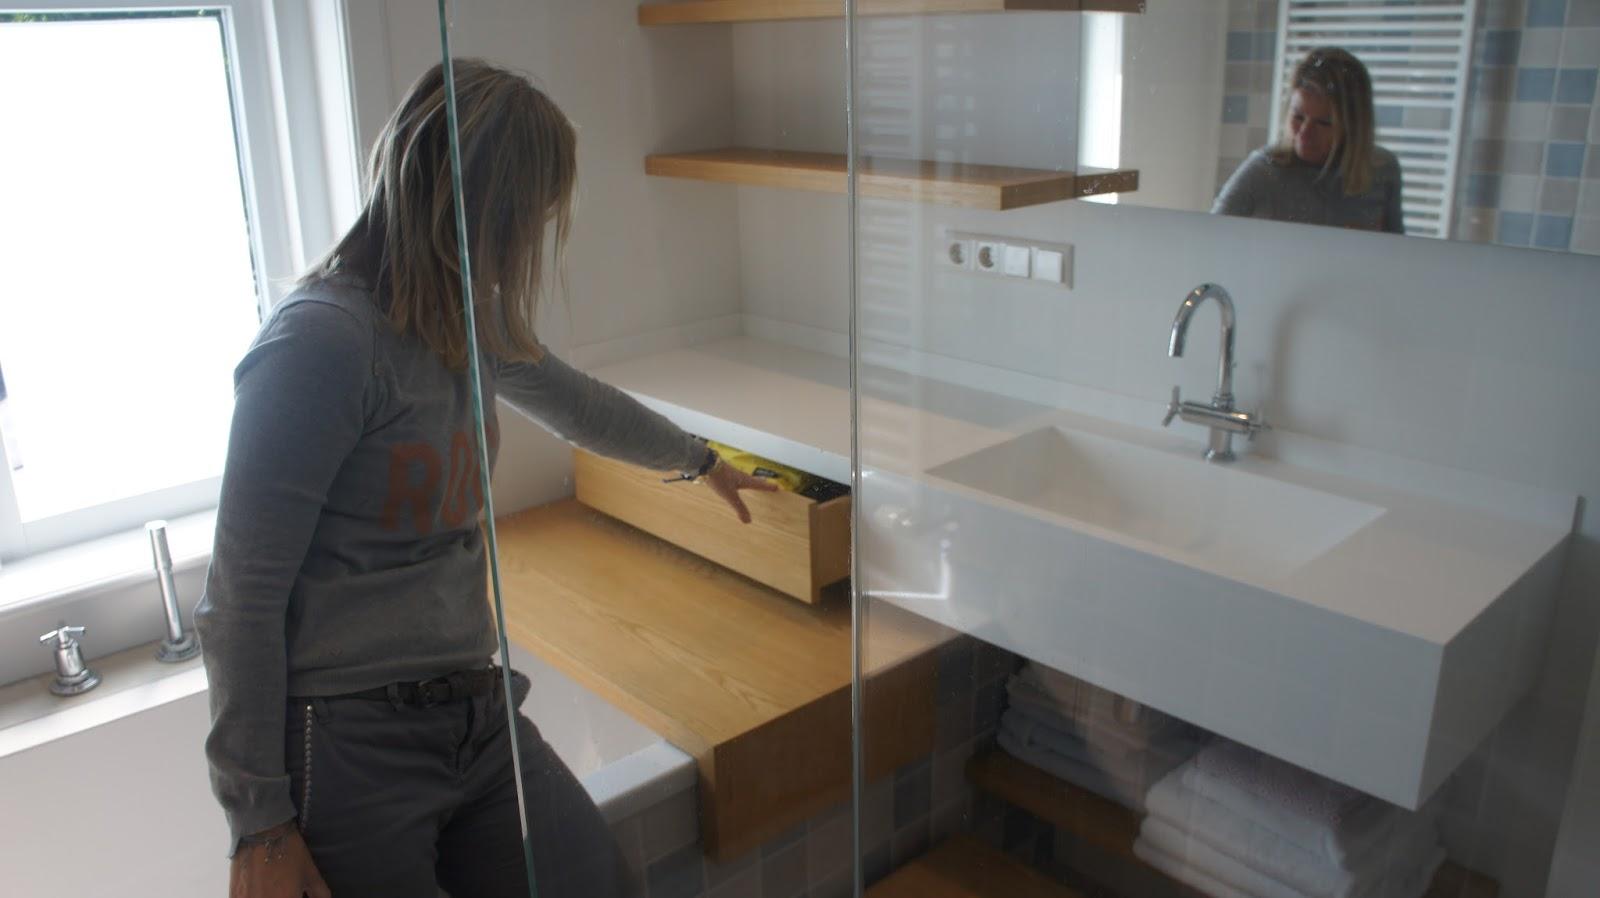 Kleine Badkamer Ideen : Badkamermeubel inrichten stijlvolle badkamer met wellness